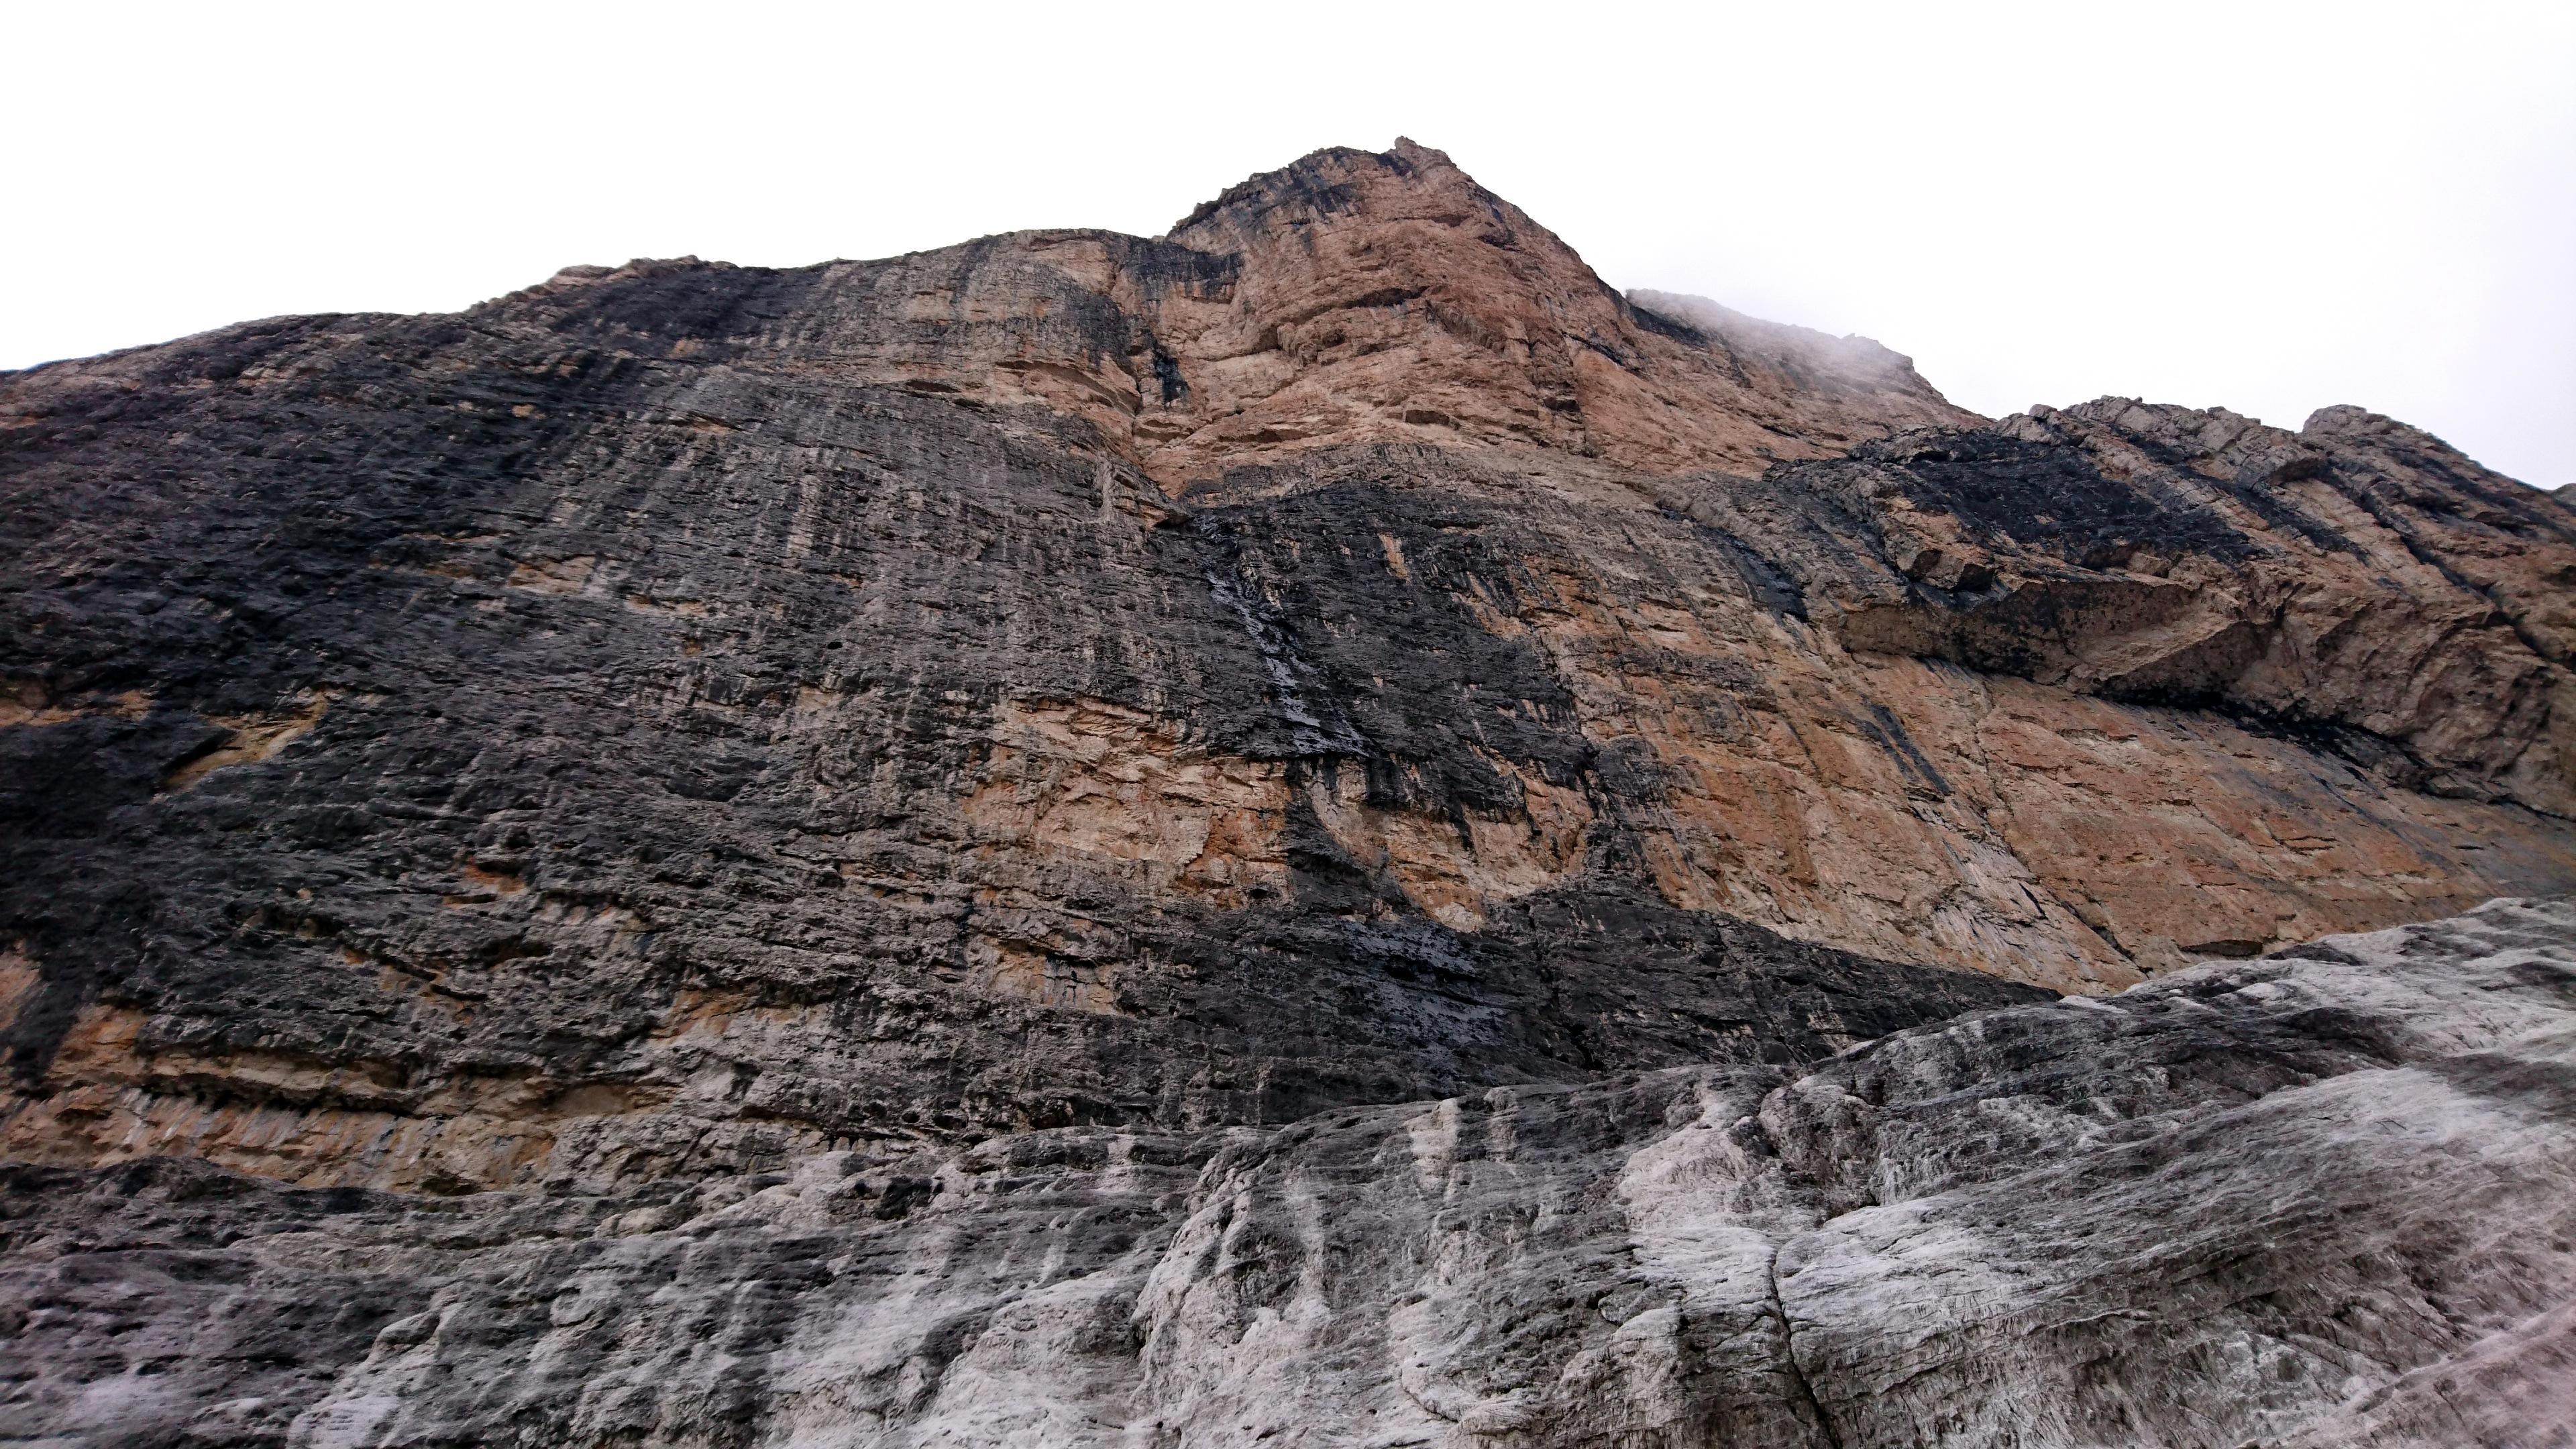 il paretone est della Cima d'Ambiez, dove sono presenti molte vie di arrampicata